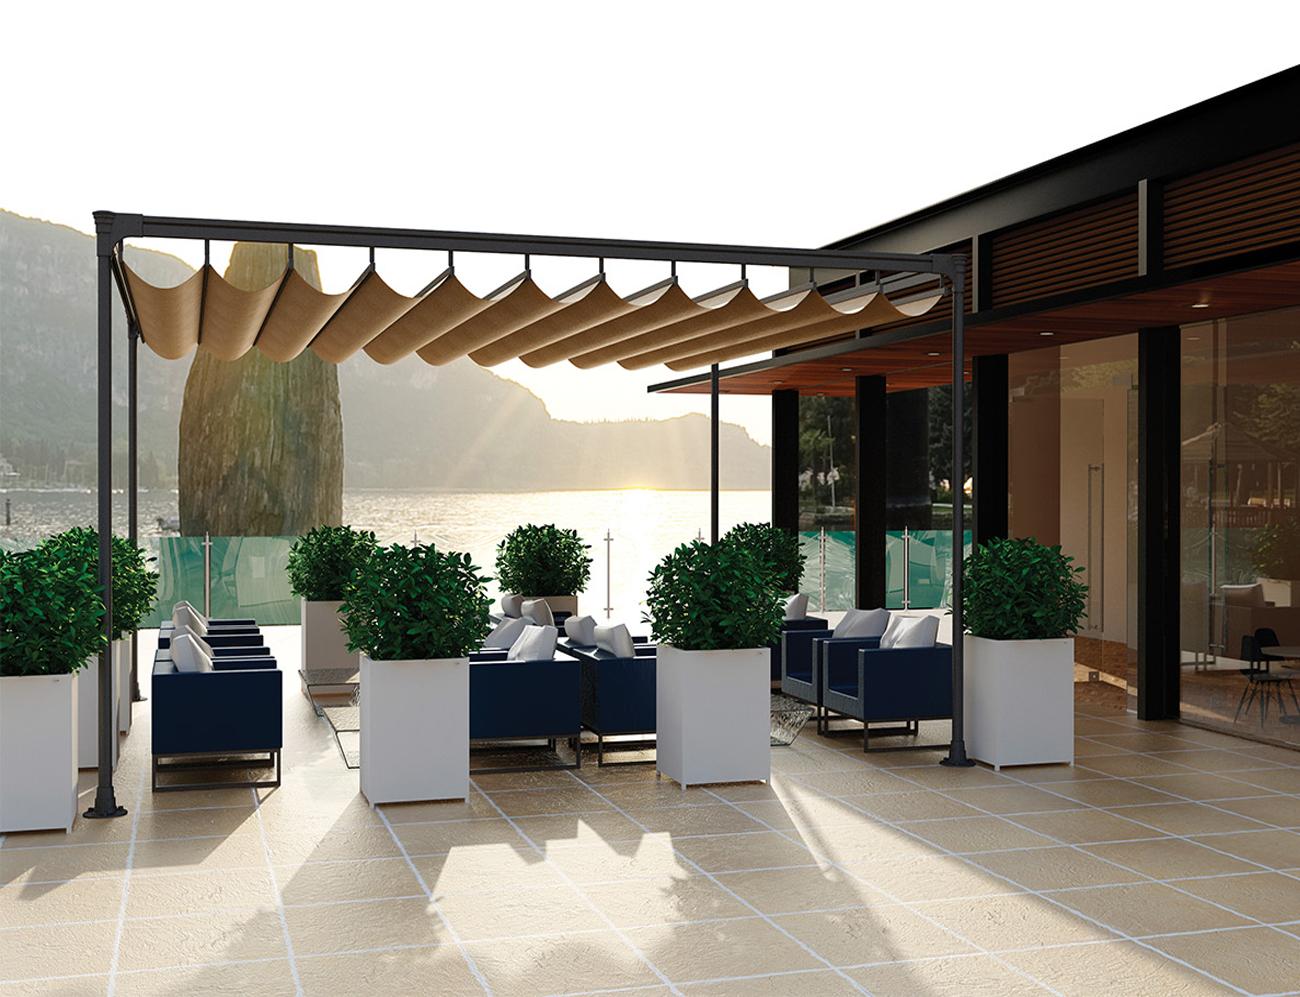 Toldos de lona para terrazas terraza compuesta de toldos for Estructura de aluminio para toldo